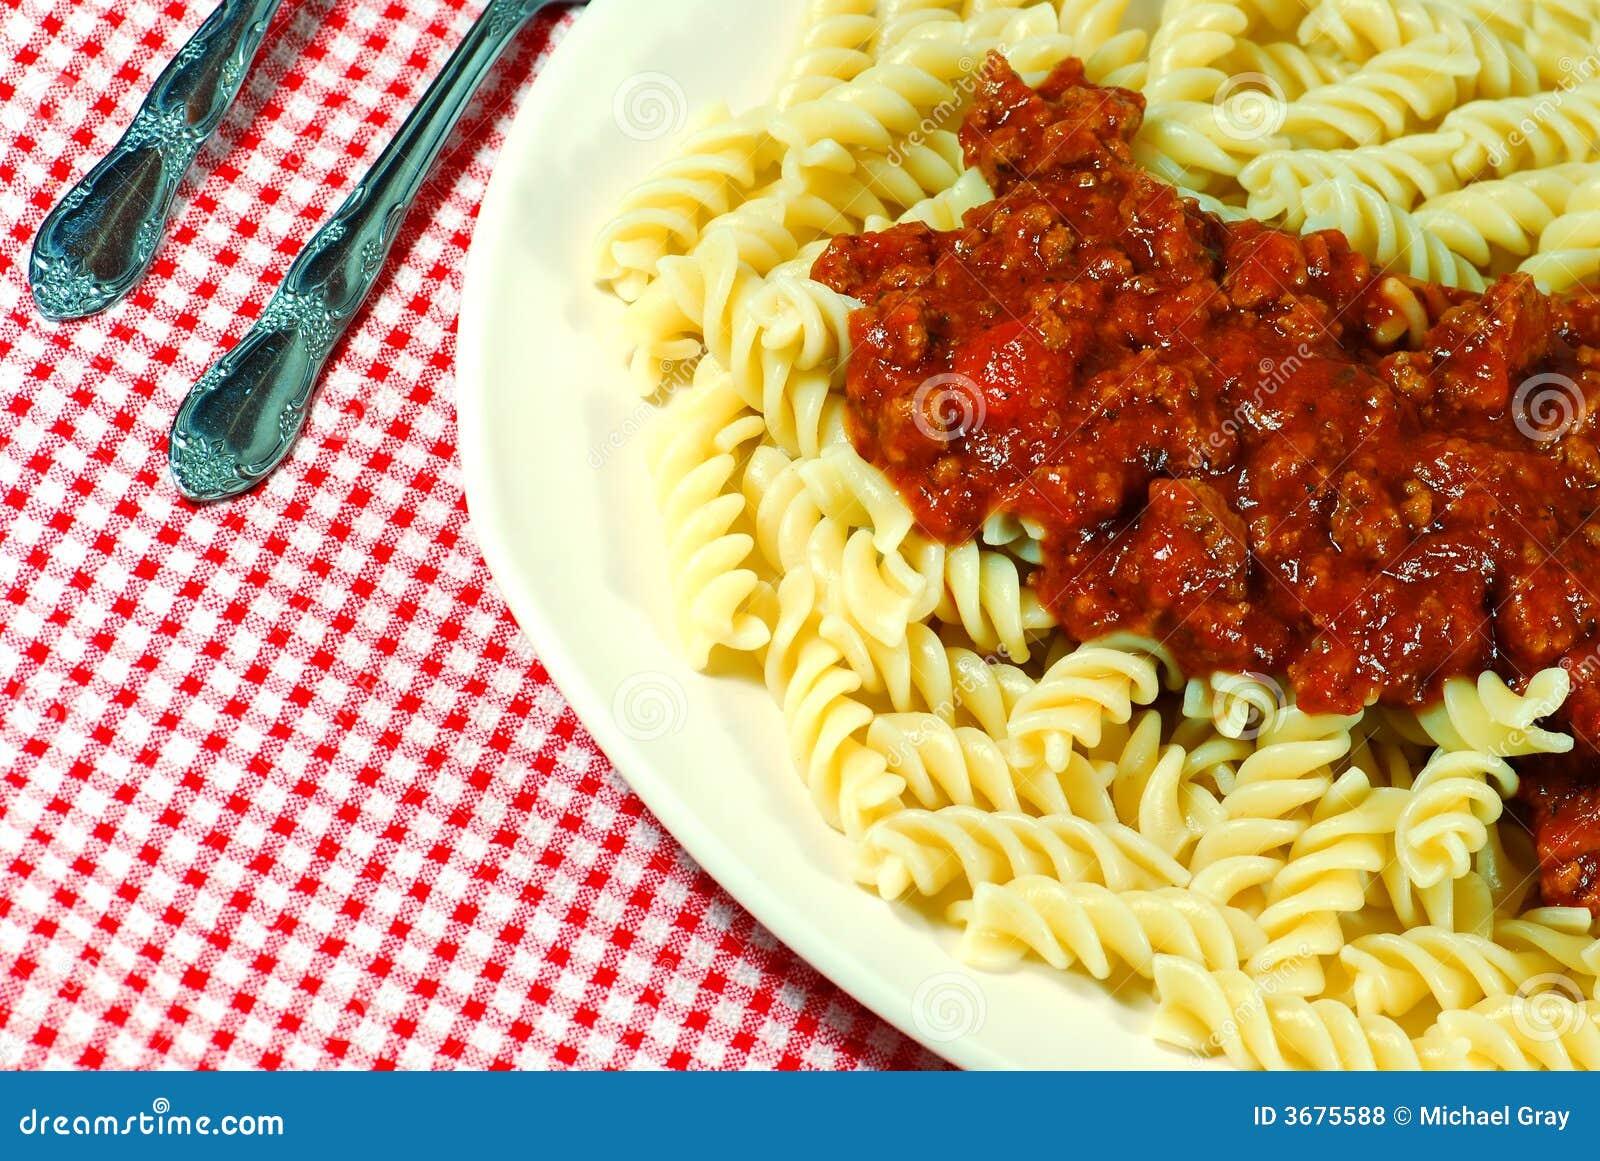 Download Le Tagliatelle Di Fusilli Con Carne Sauce Su Una Zolla Fotografia Stock - Immagine di mediterraneo, italia: 3675588